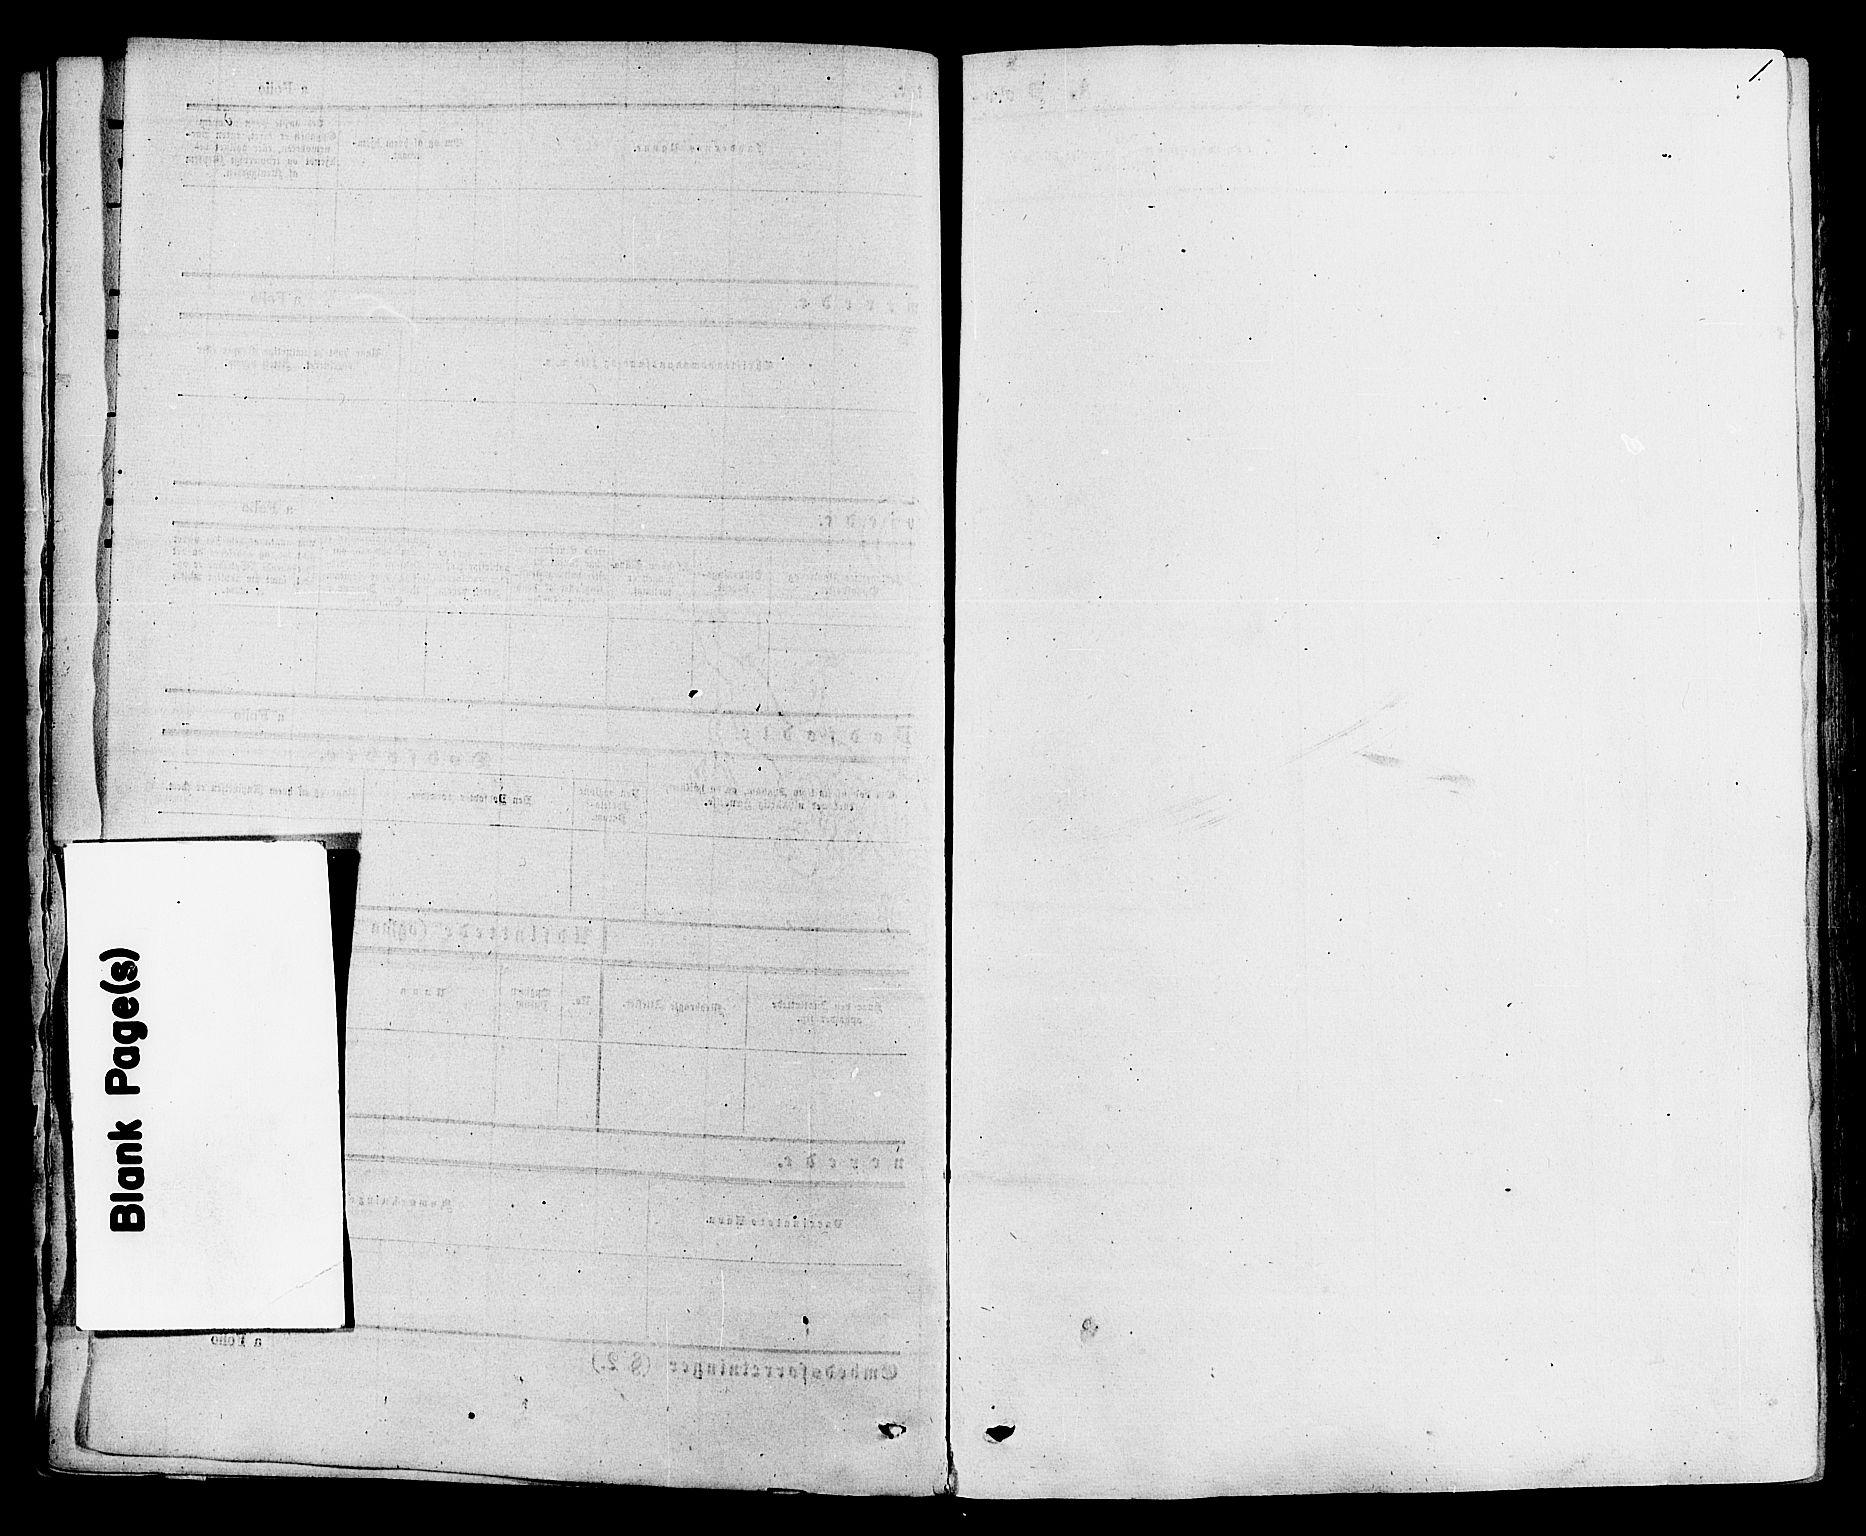 SAKO, Eidanger kirkebøker, F/Fa/L0010: Ministerialbok nr. 10, 1859-1874, s. 1